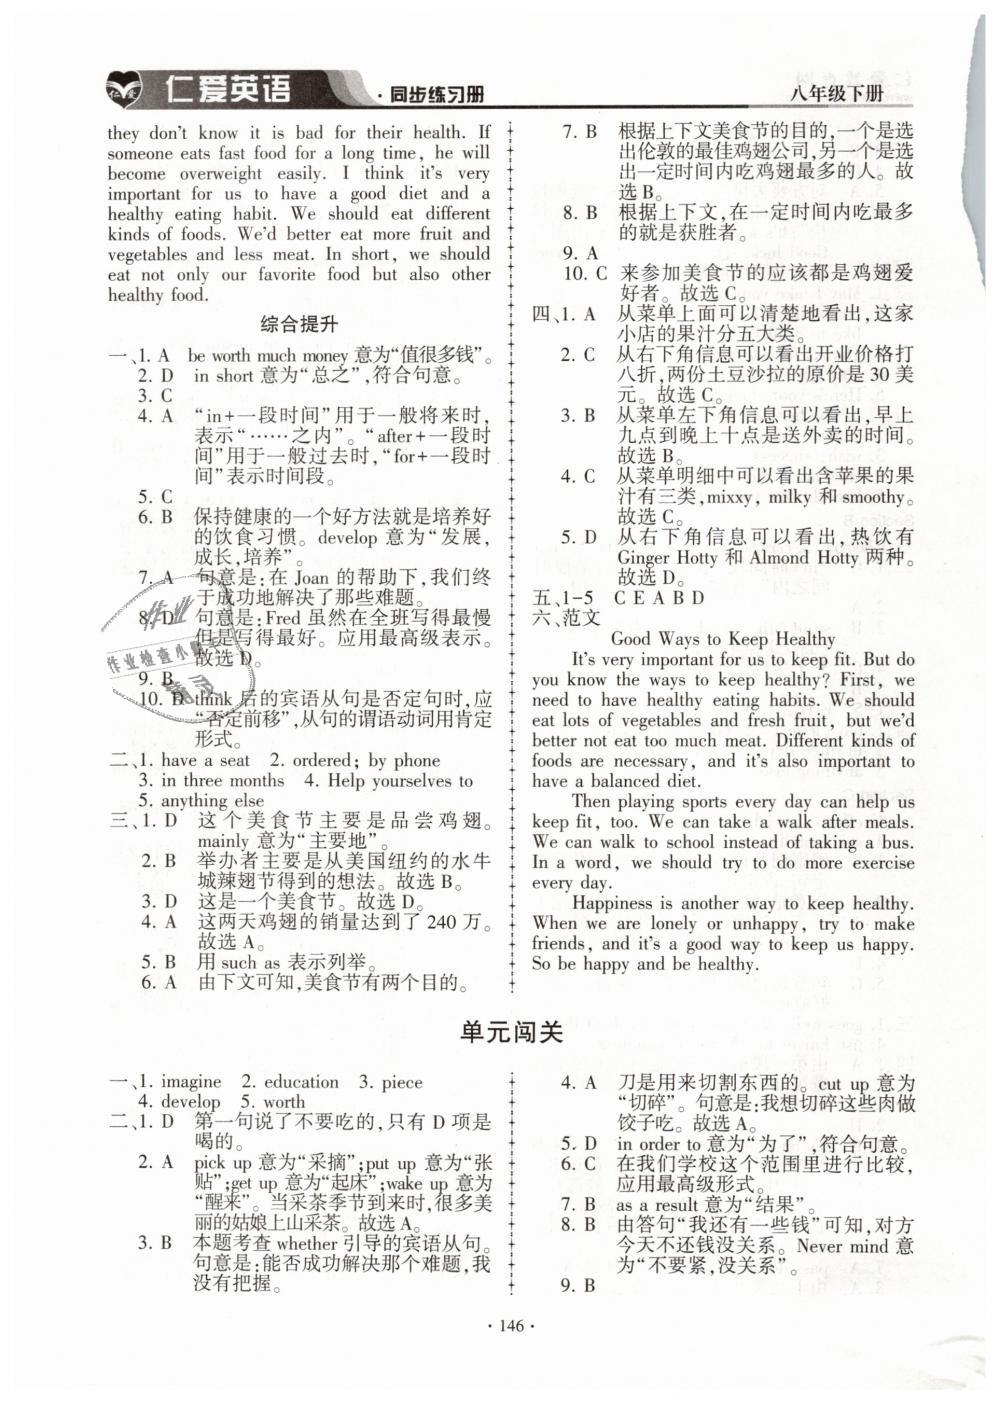 2019年仁爱英语同步练习册八年级下册仁爱版第21页